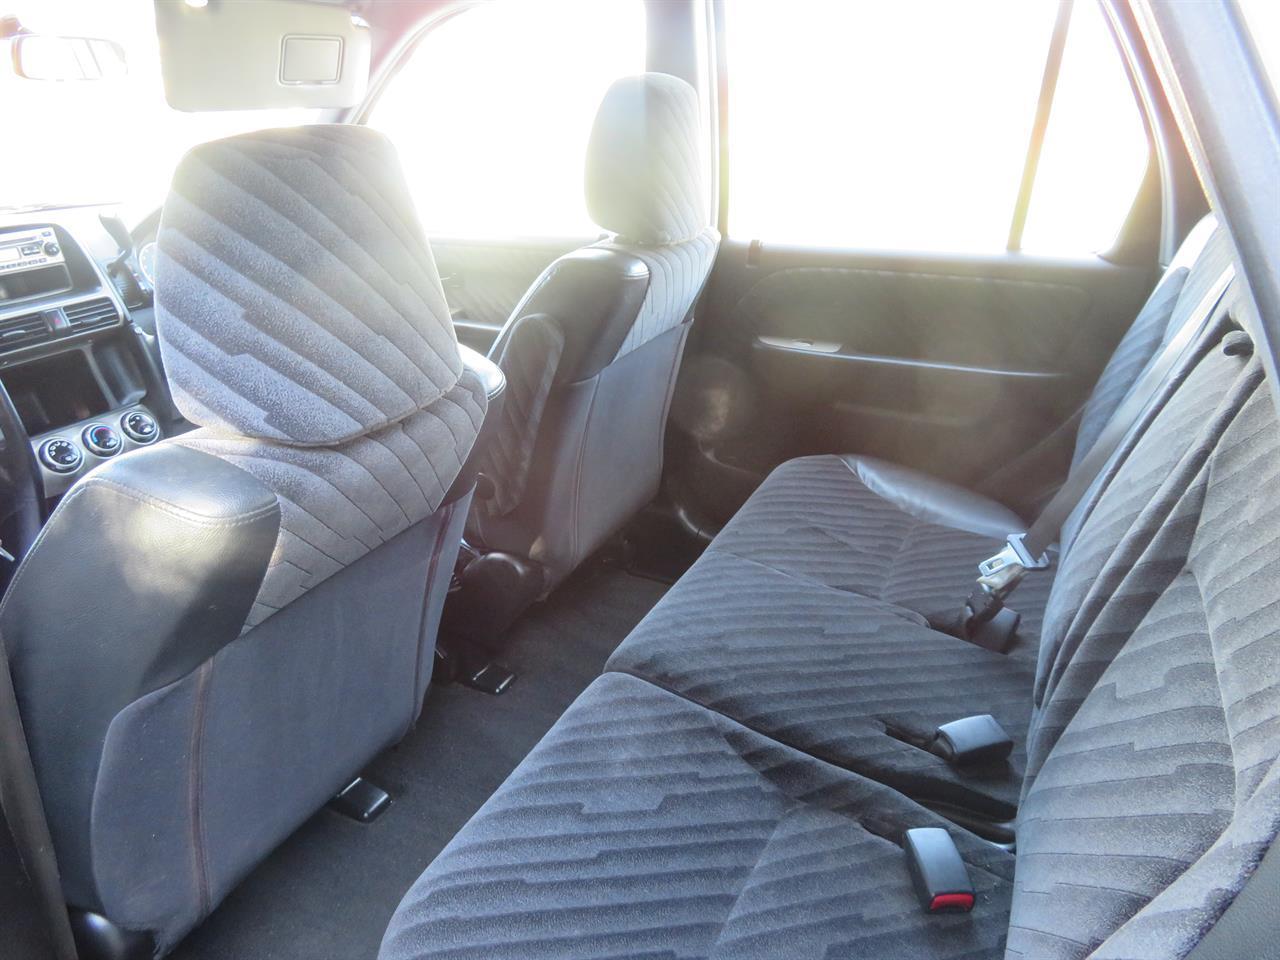 image-6, 2002 Honda CR-V AWD at Gore